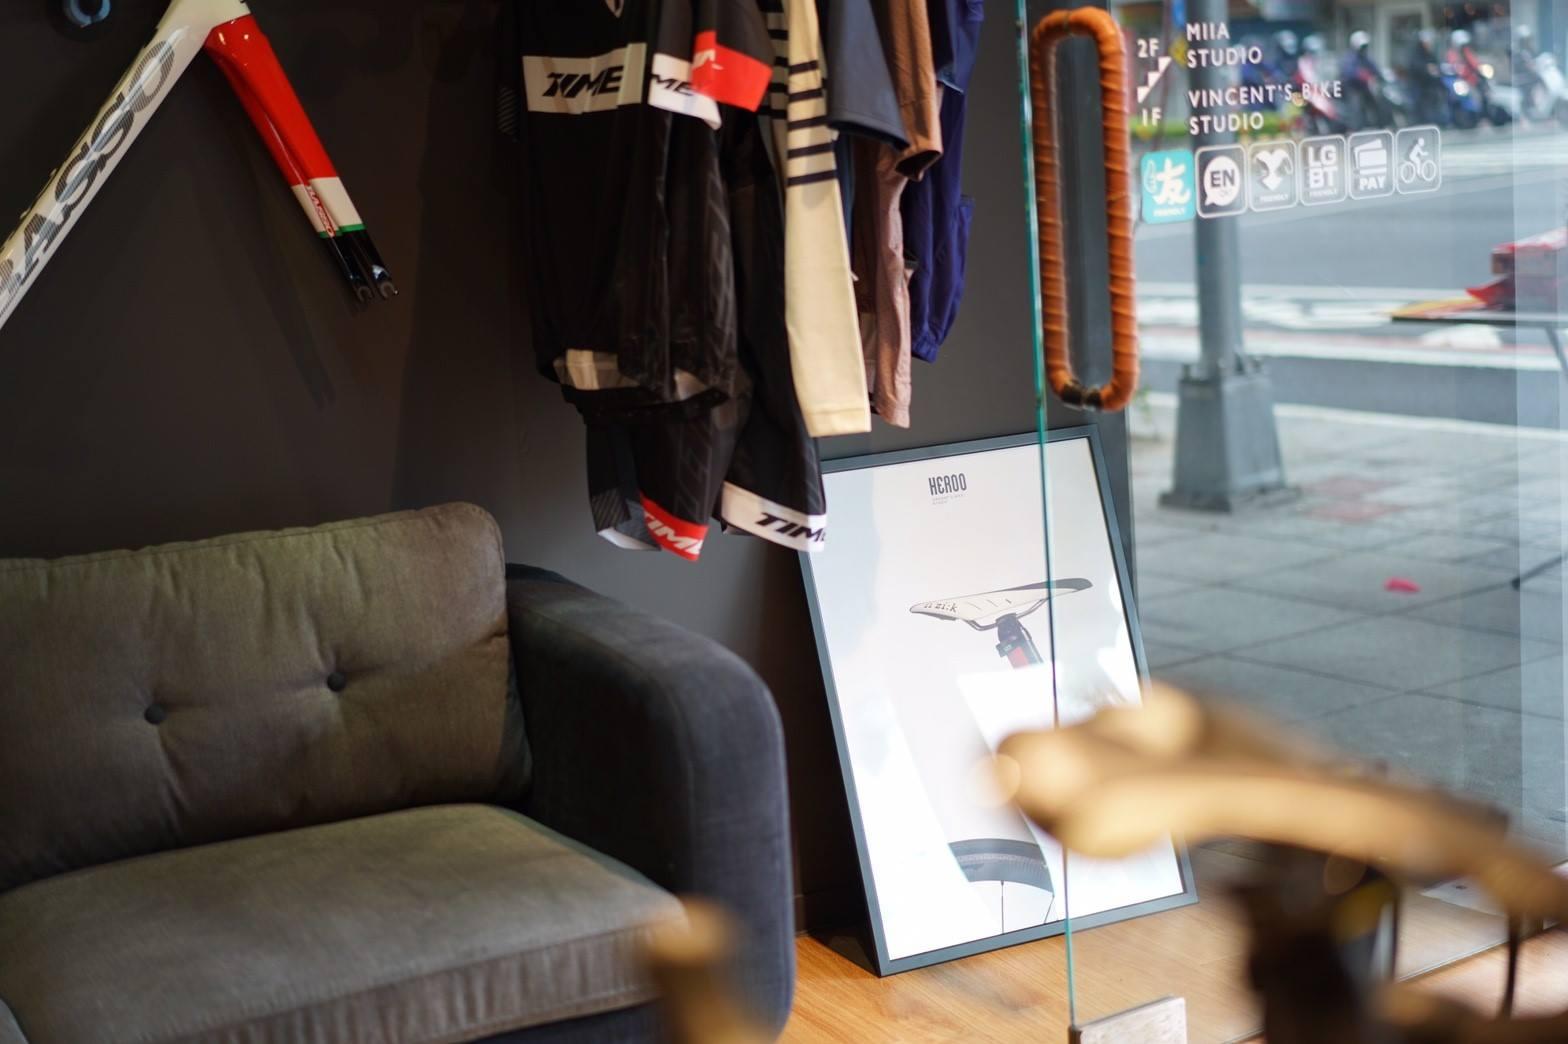 台北設計師概念單車店- 文森單車 Vincent Bike Studio x Heroo taipei